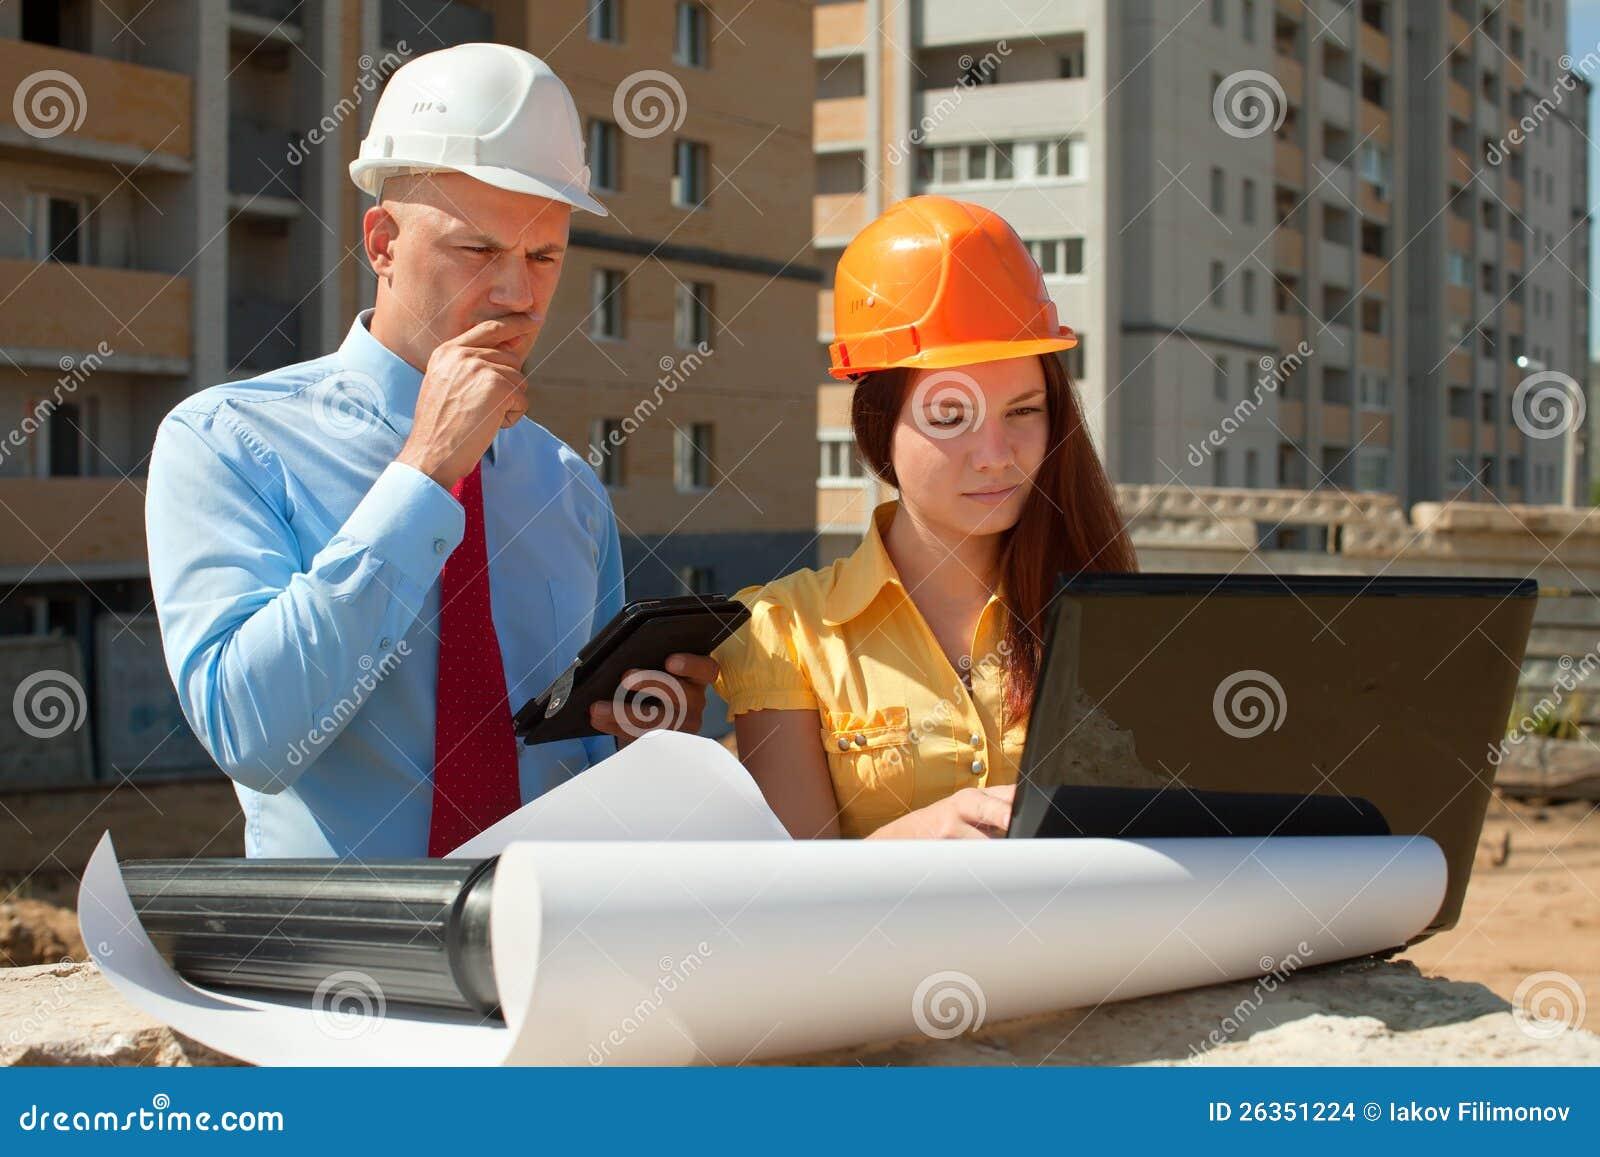 Architekten arbeitet vor Baustelle